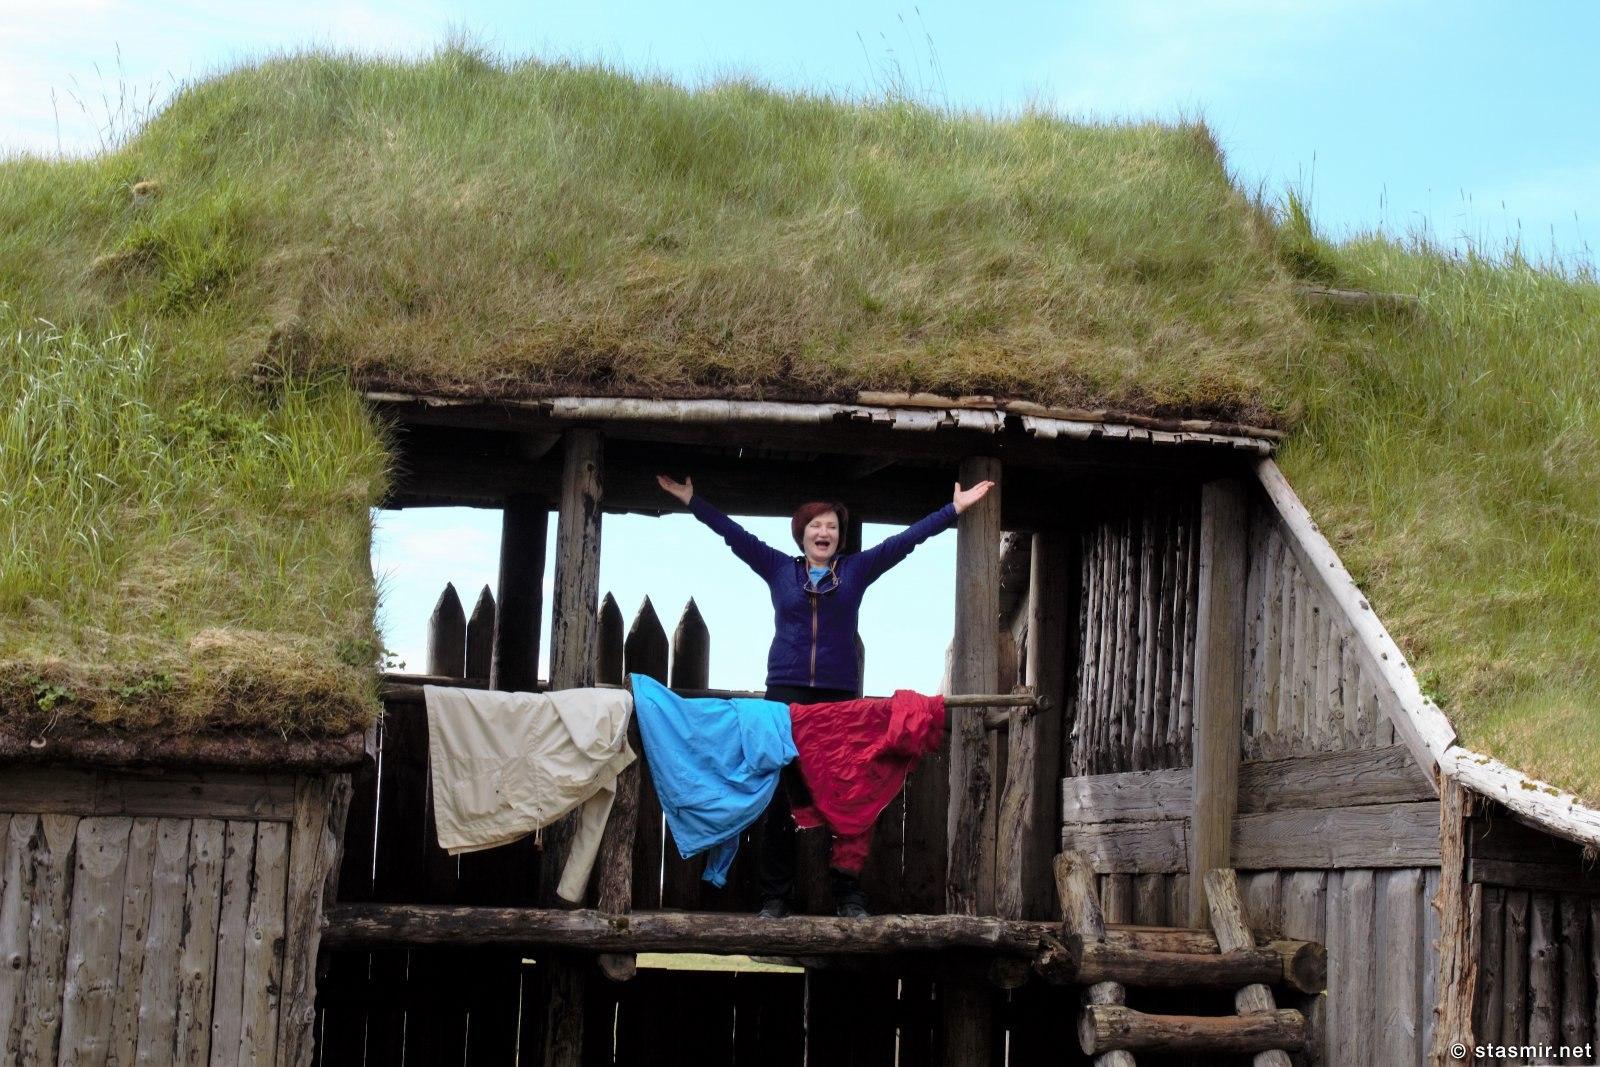 фейковая деревня викингов, Хёбн, Восточная Исландия, фото Стасмир, photo Stasmir